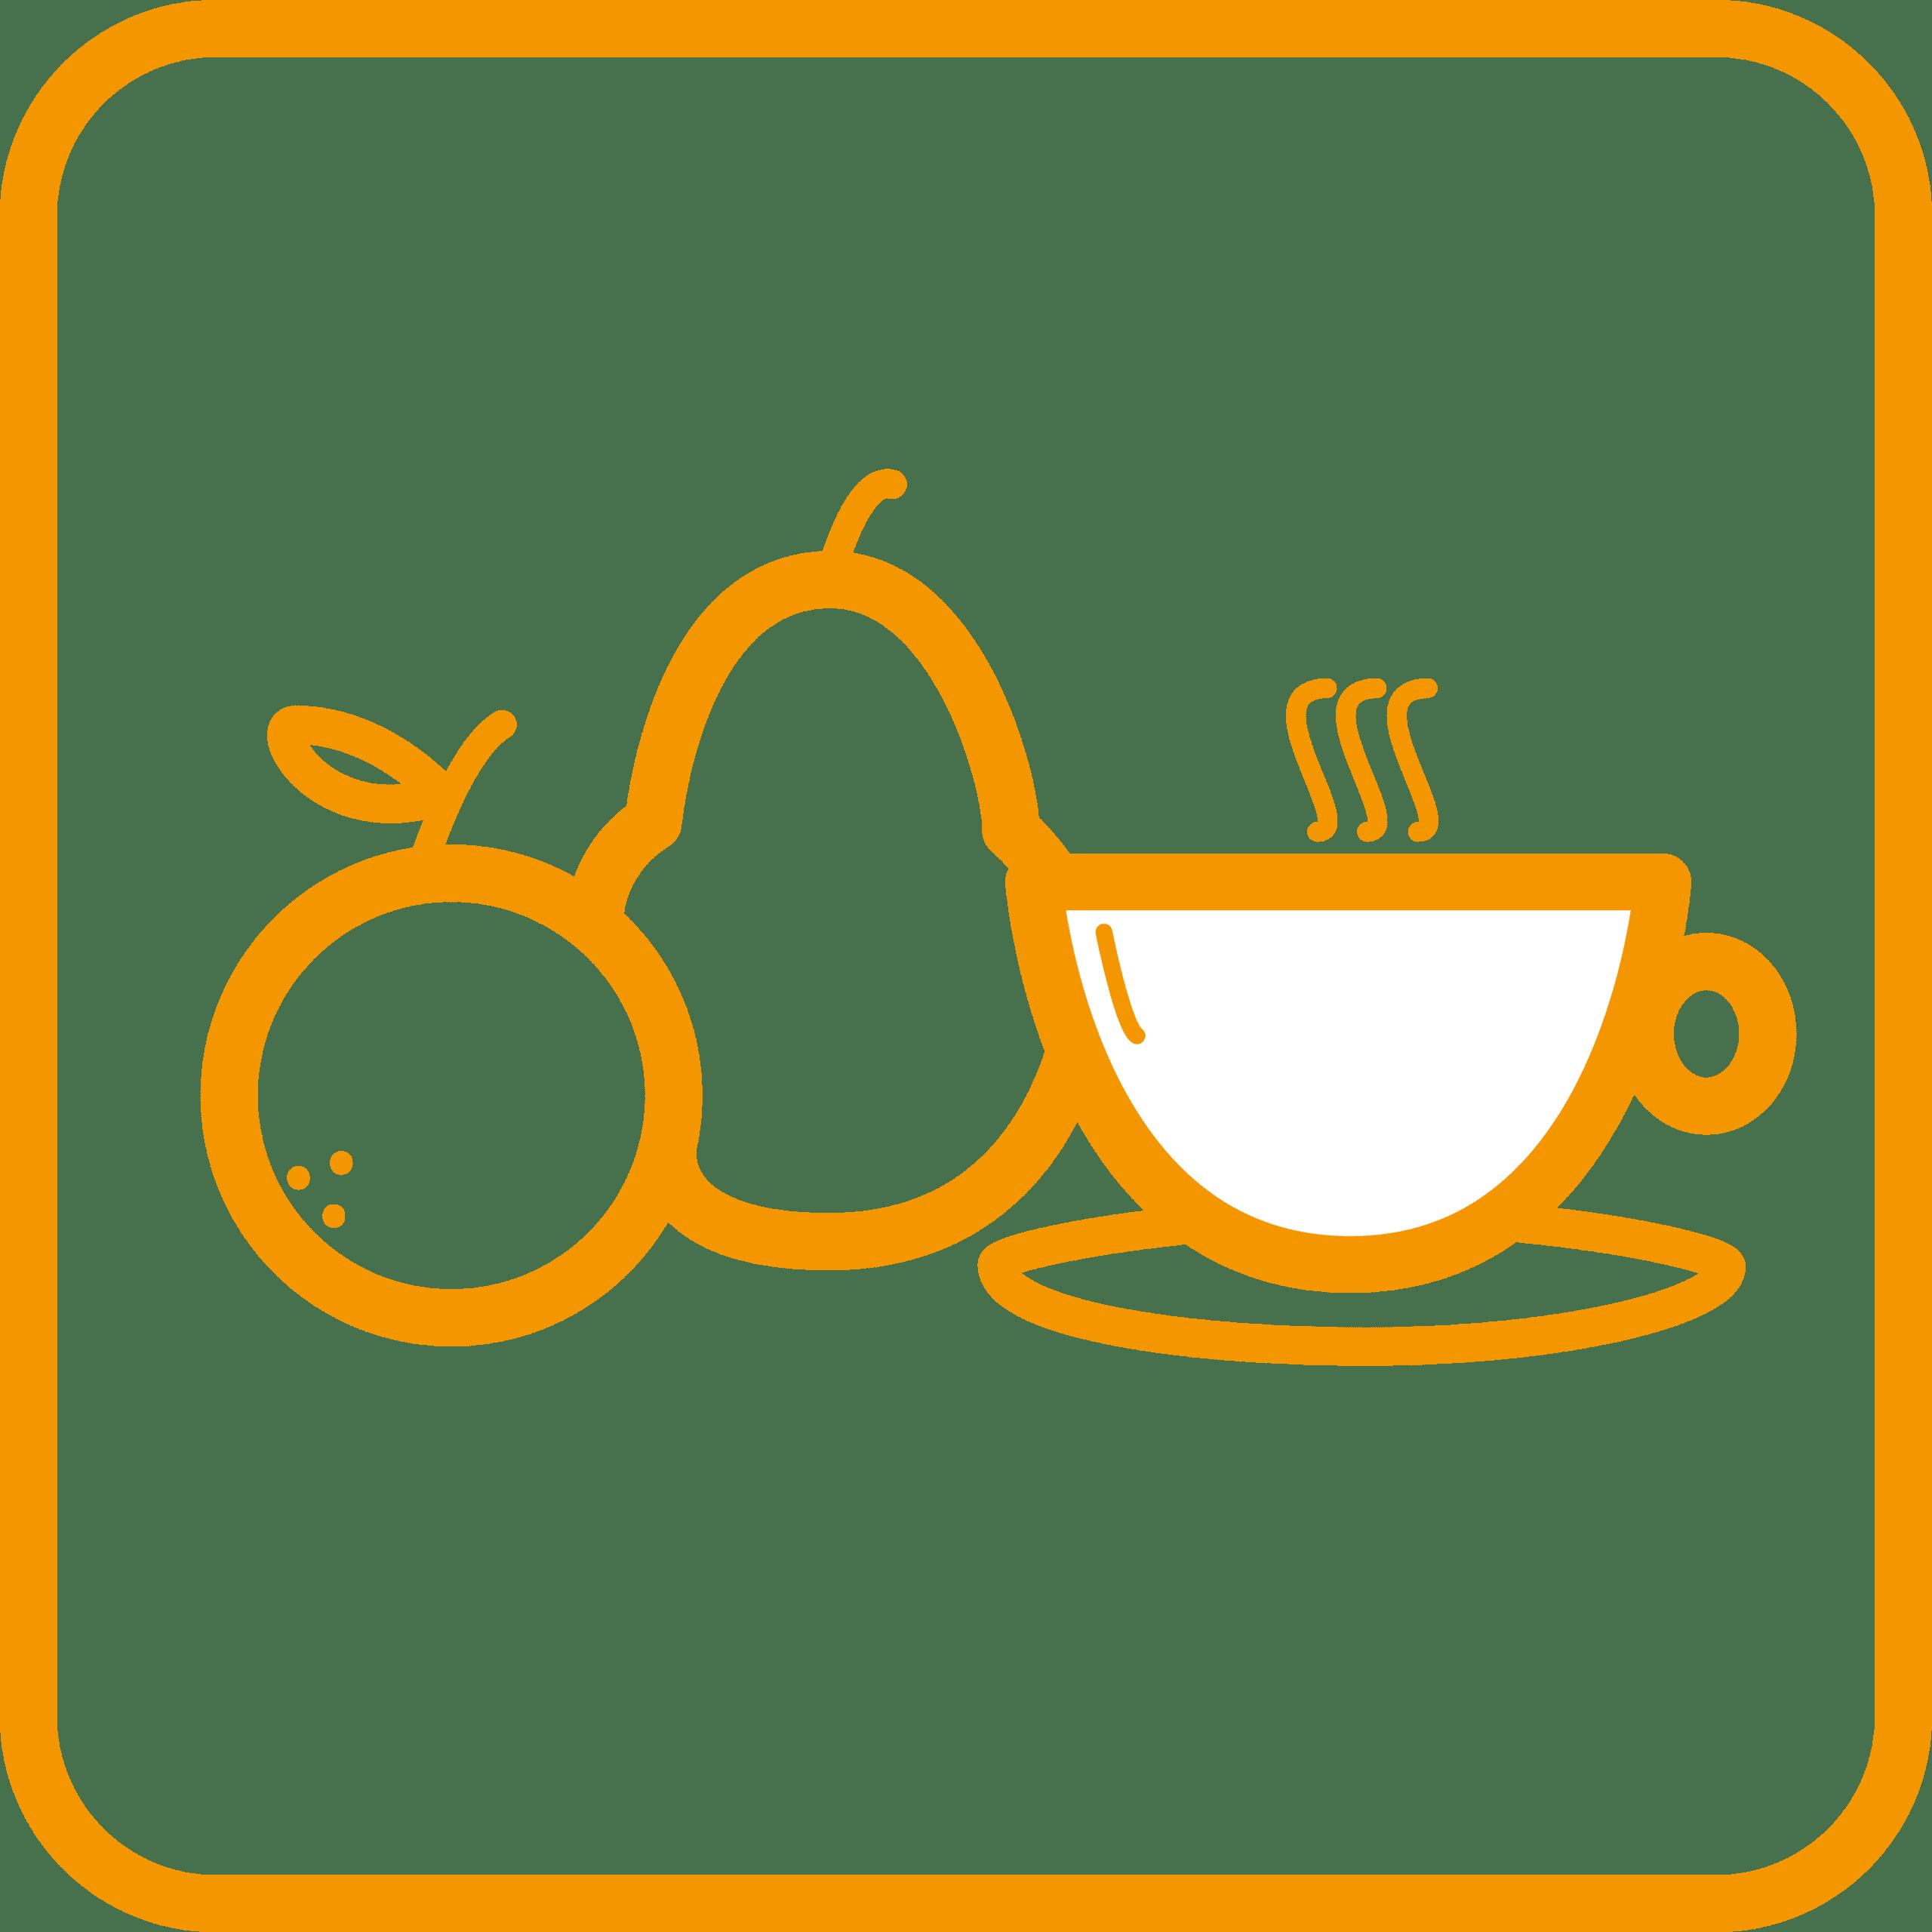 Saicos Kaffee